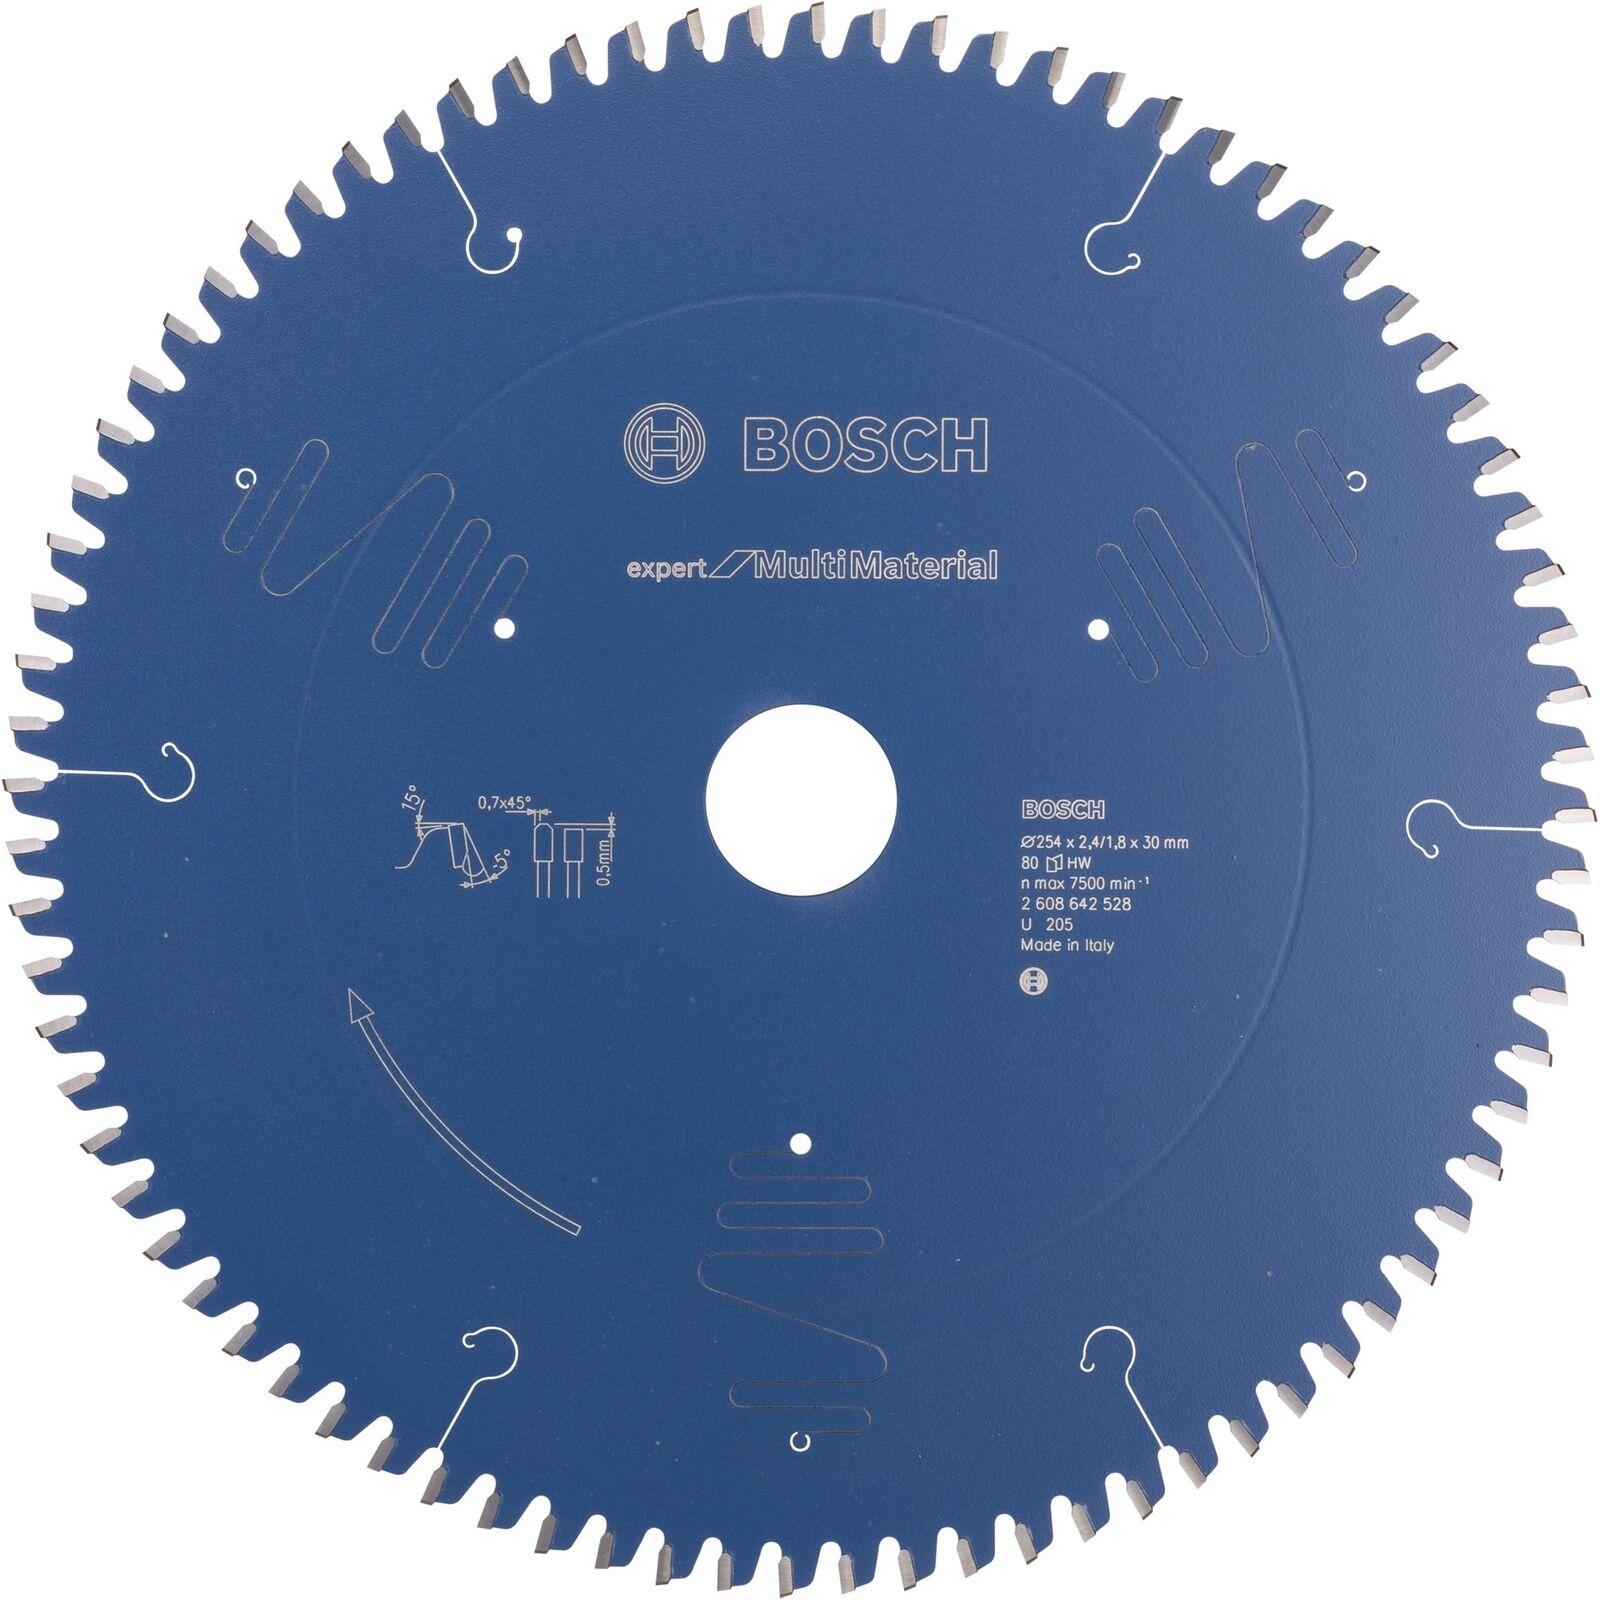 Bosch Bosch Bosch Professional Kreissägeblatt Expert for Multi Material, 254mm, Sägeblatt e3c34b